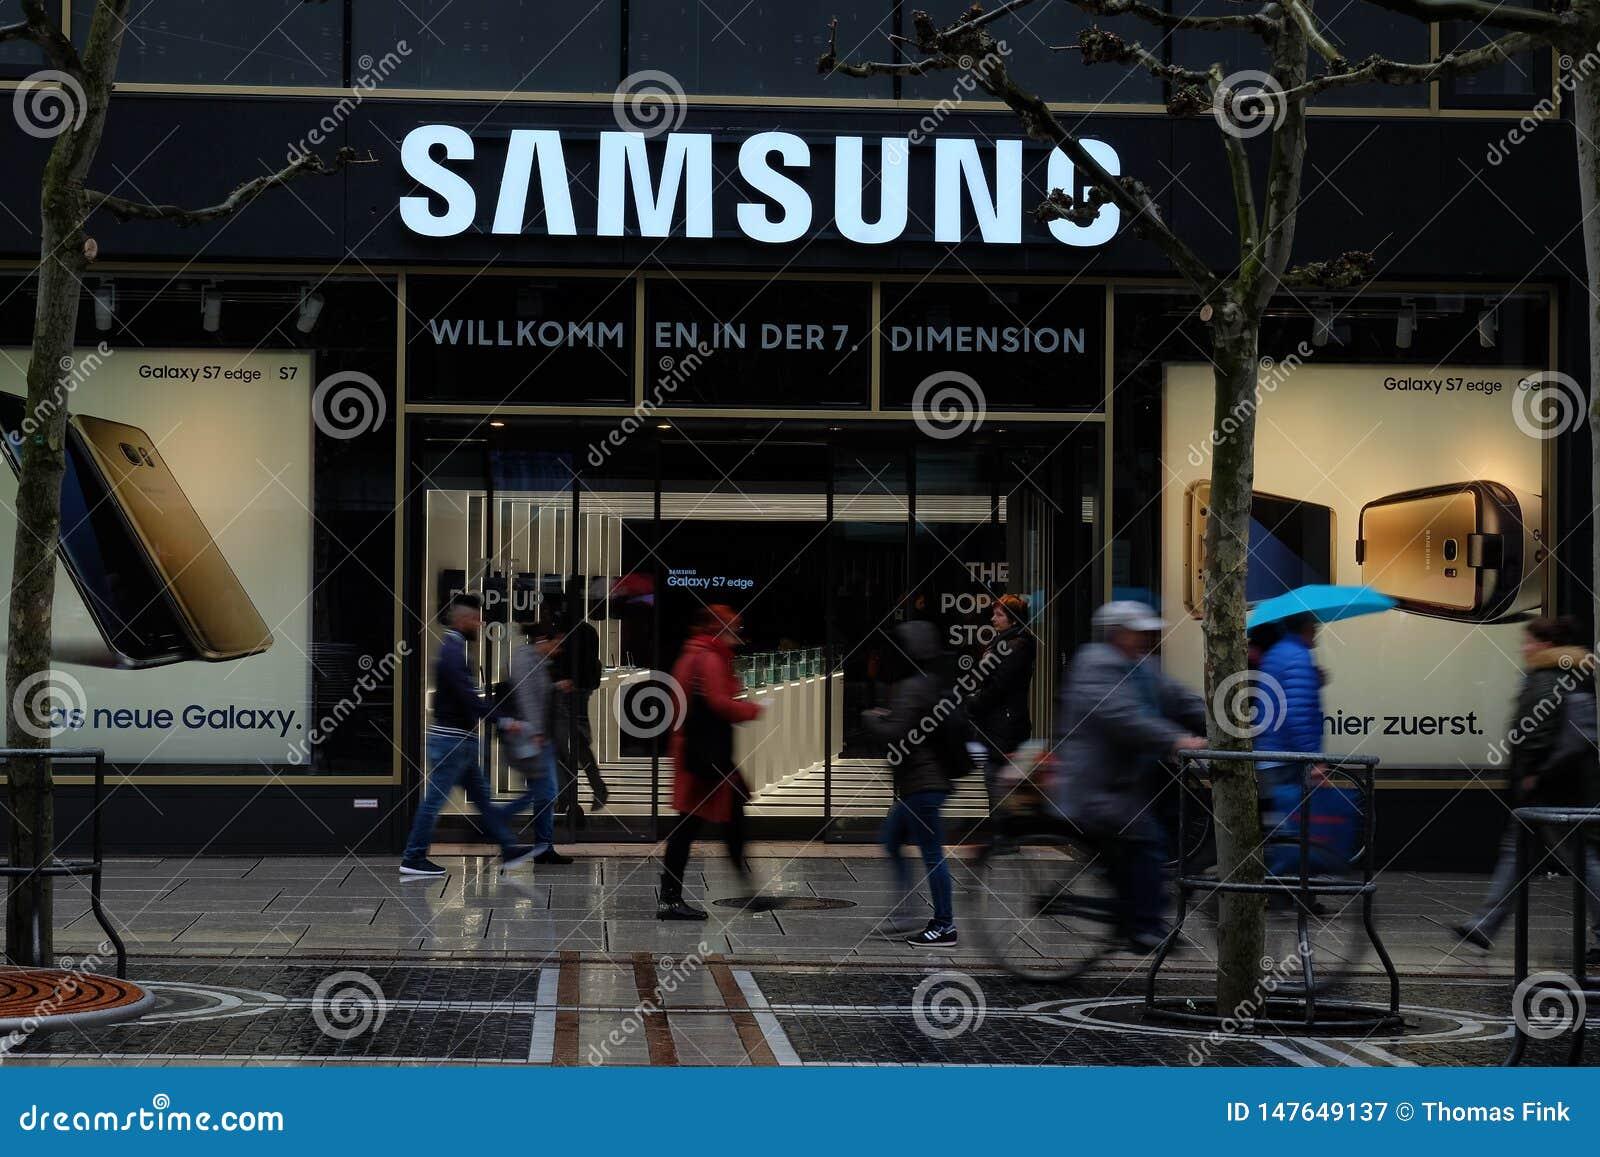 Samsung-Winkelembleem in Frankfurt